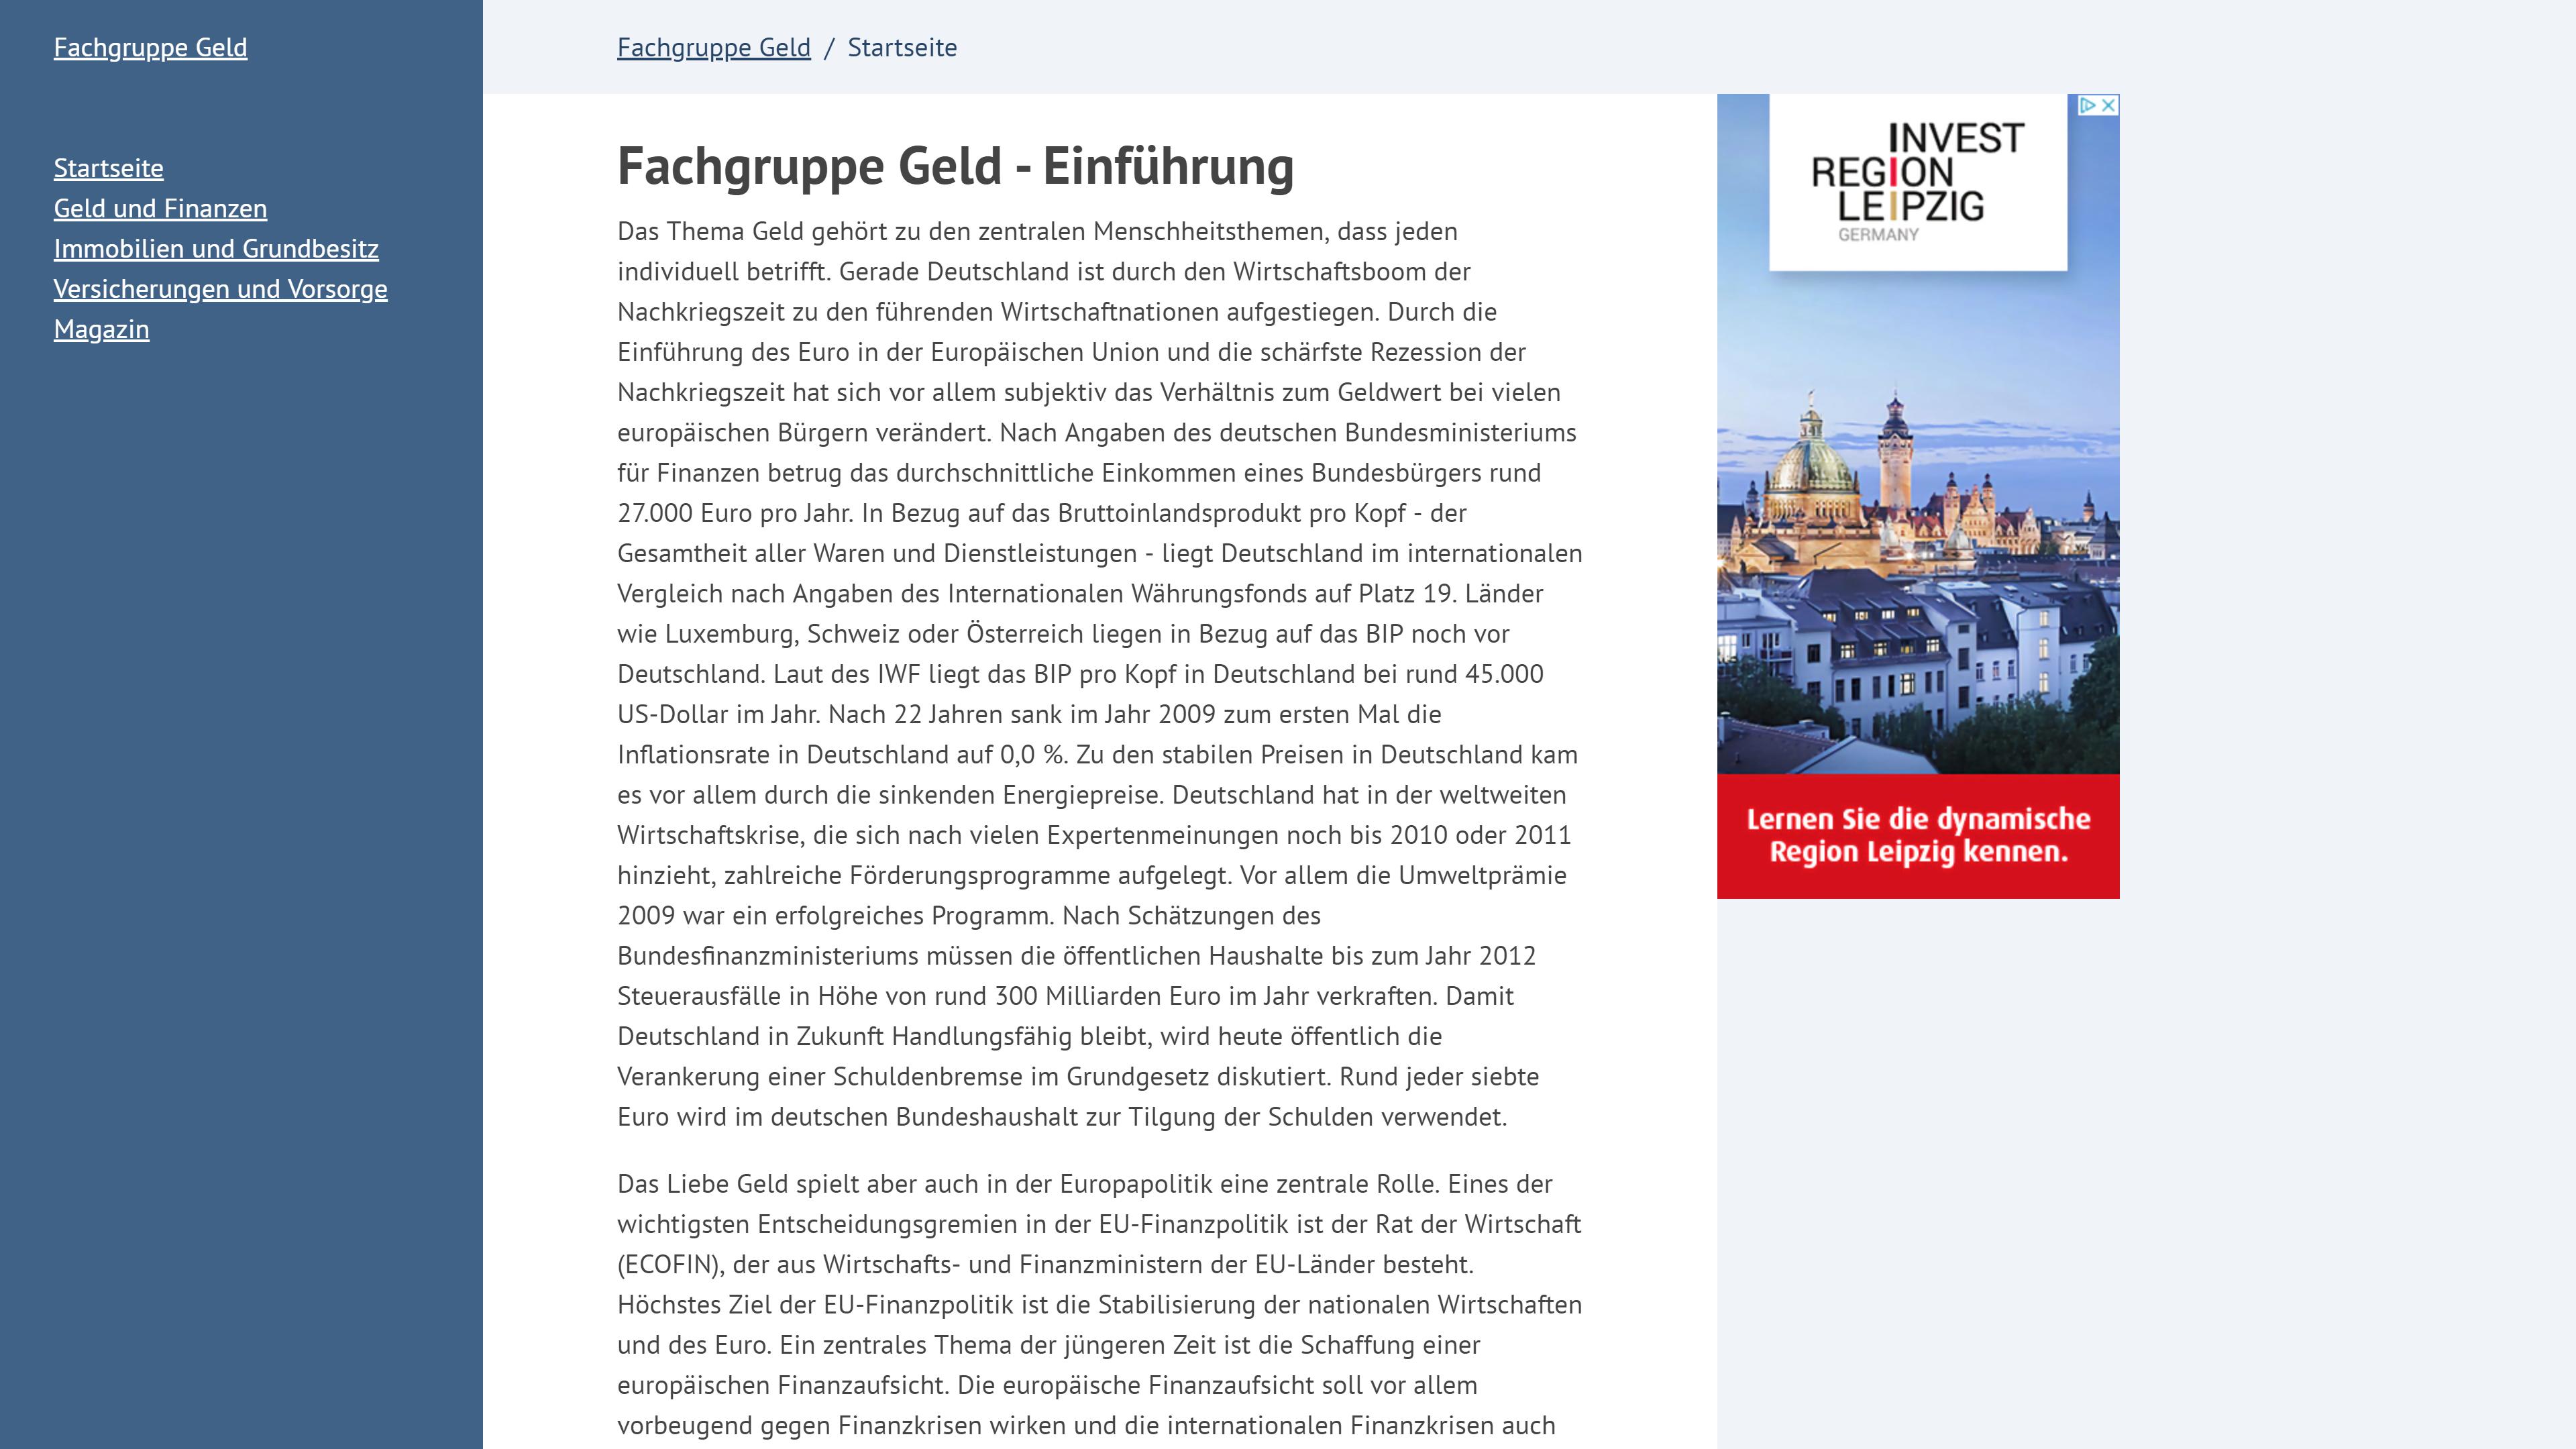 Finanzportal Fachgruppe-Geld.de